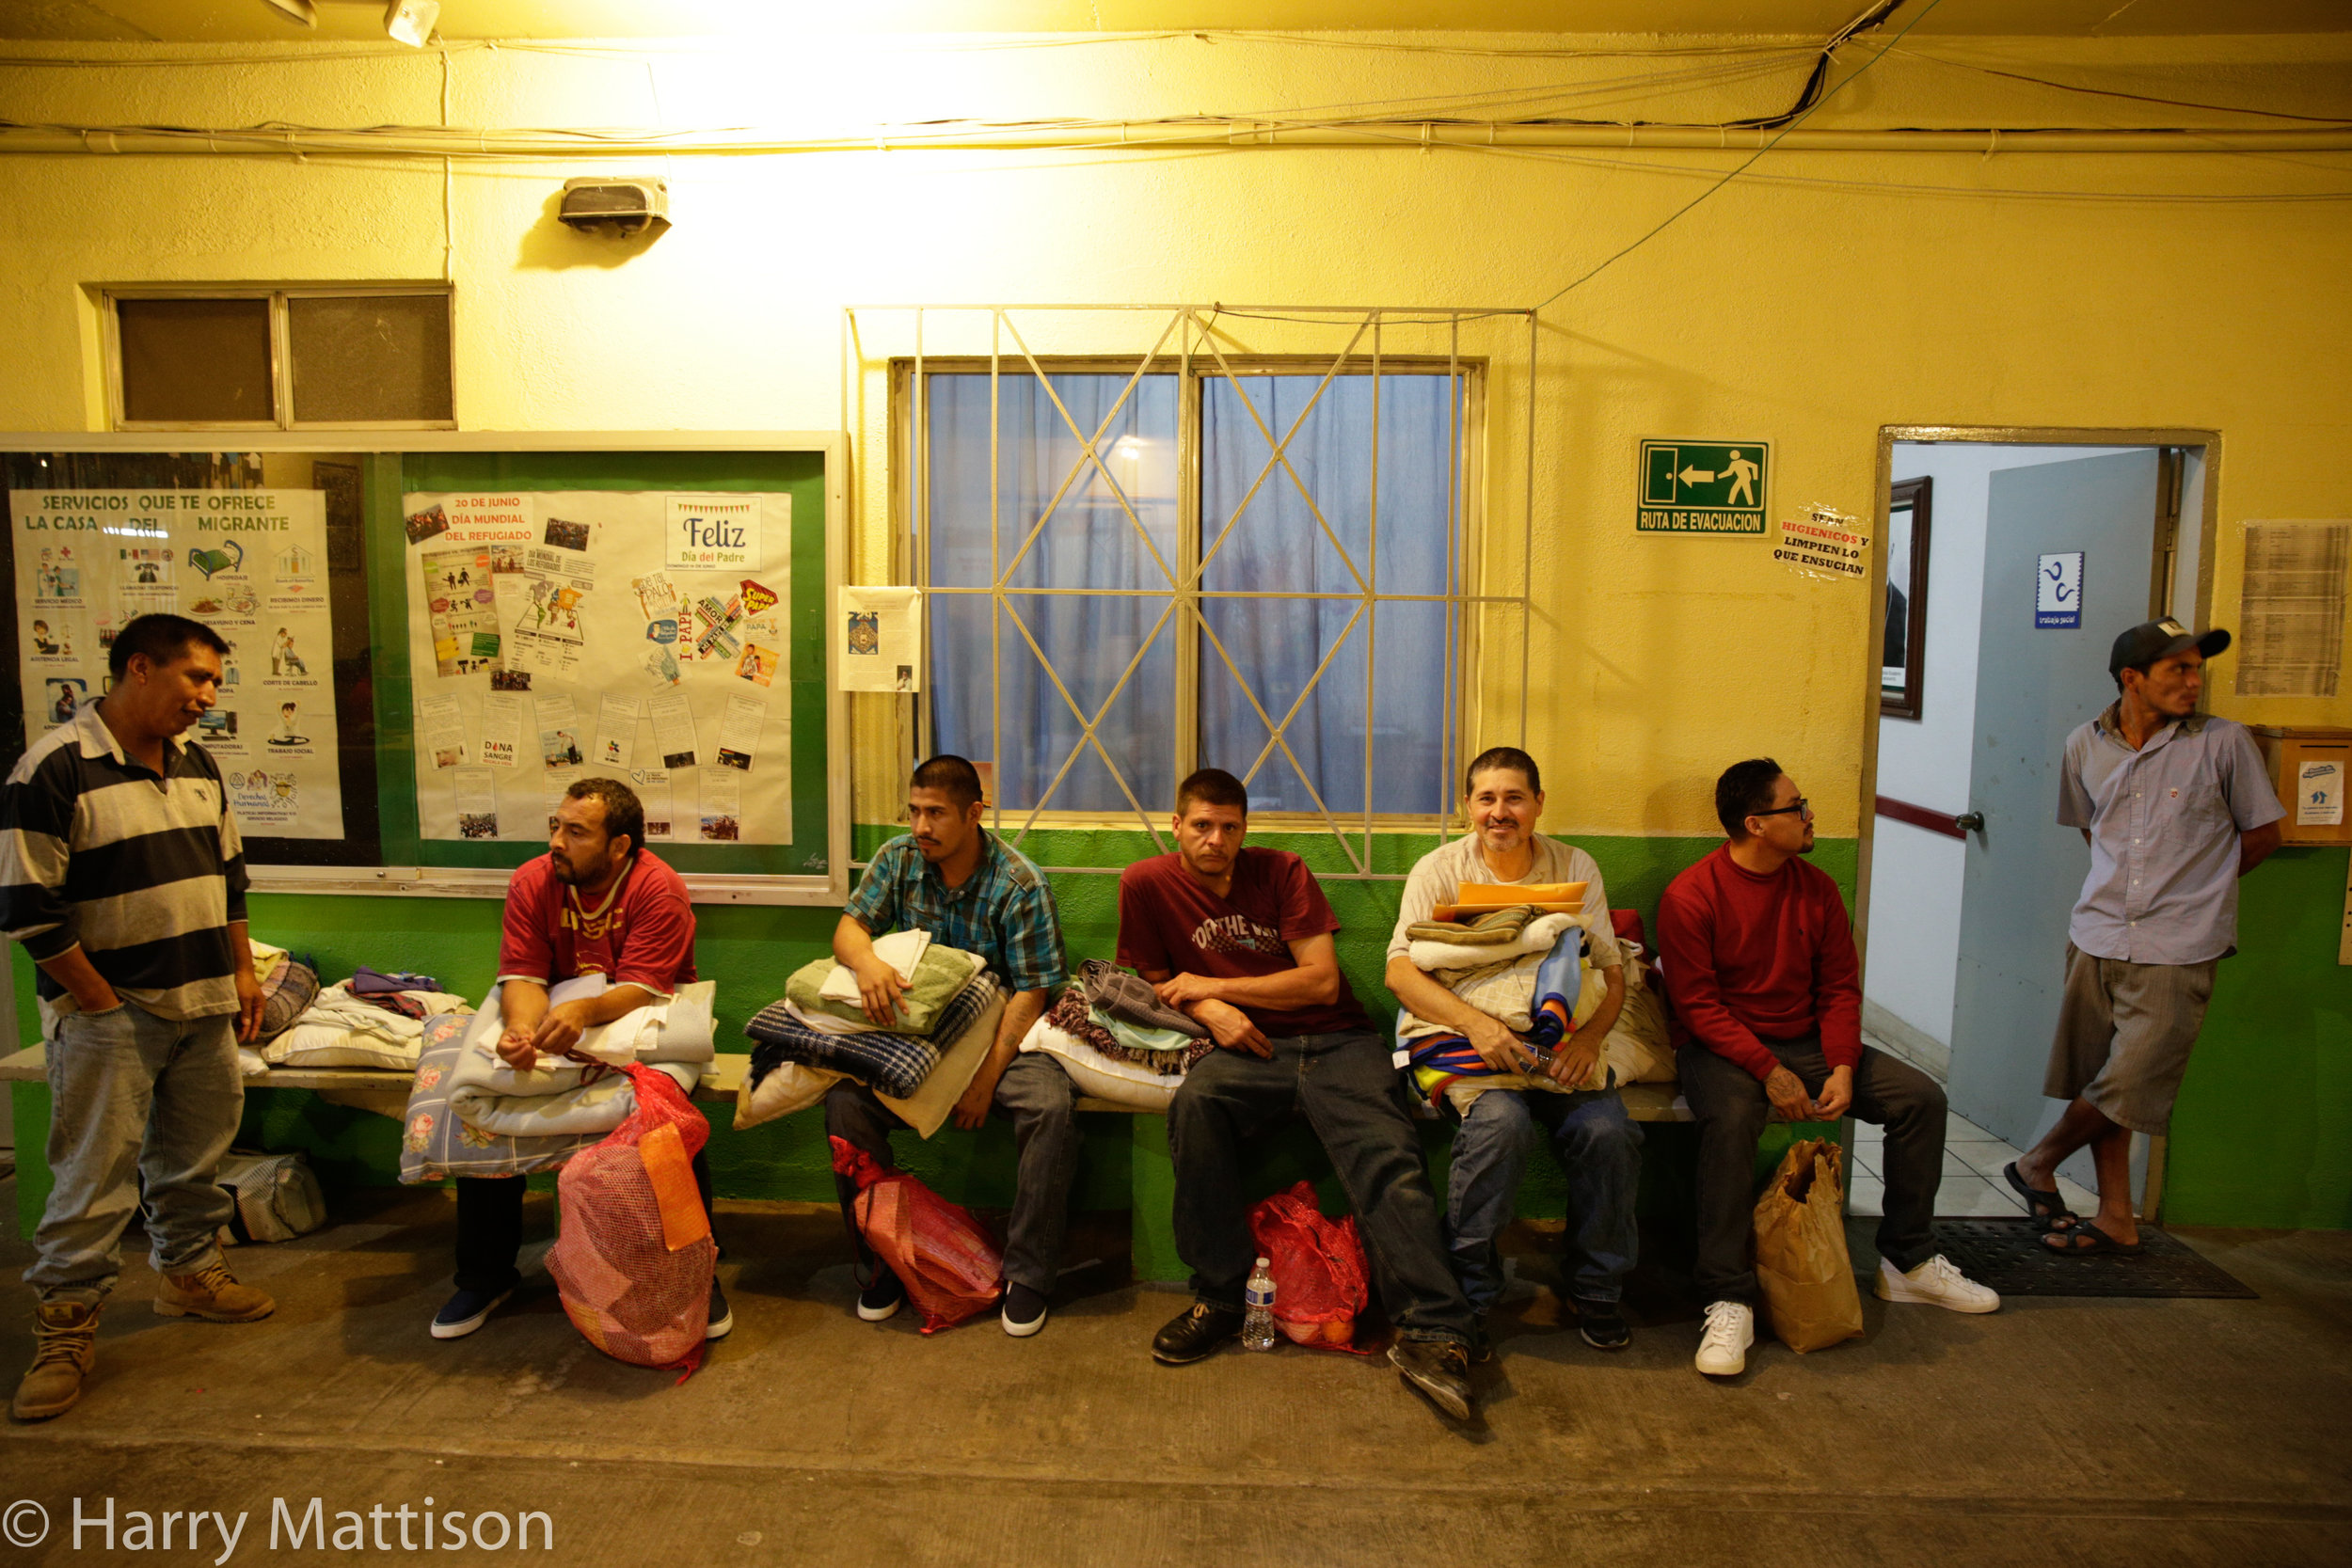 Midnight. New arrivals at the Casa del Migrante, Tijuana.